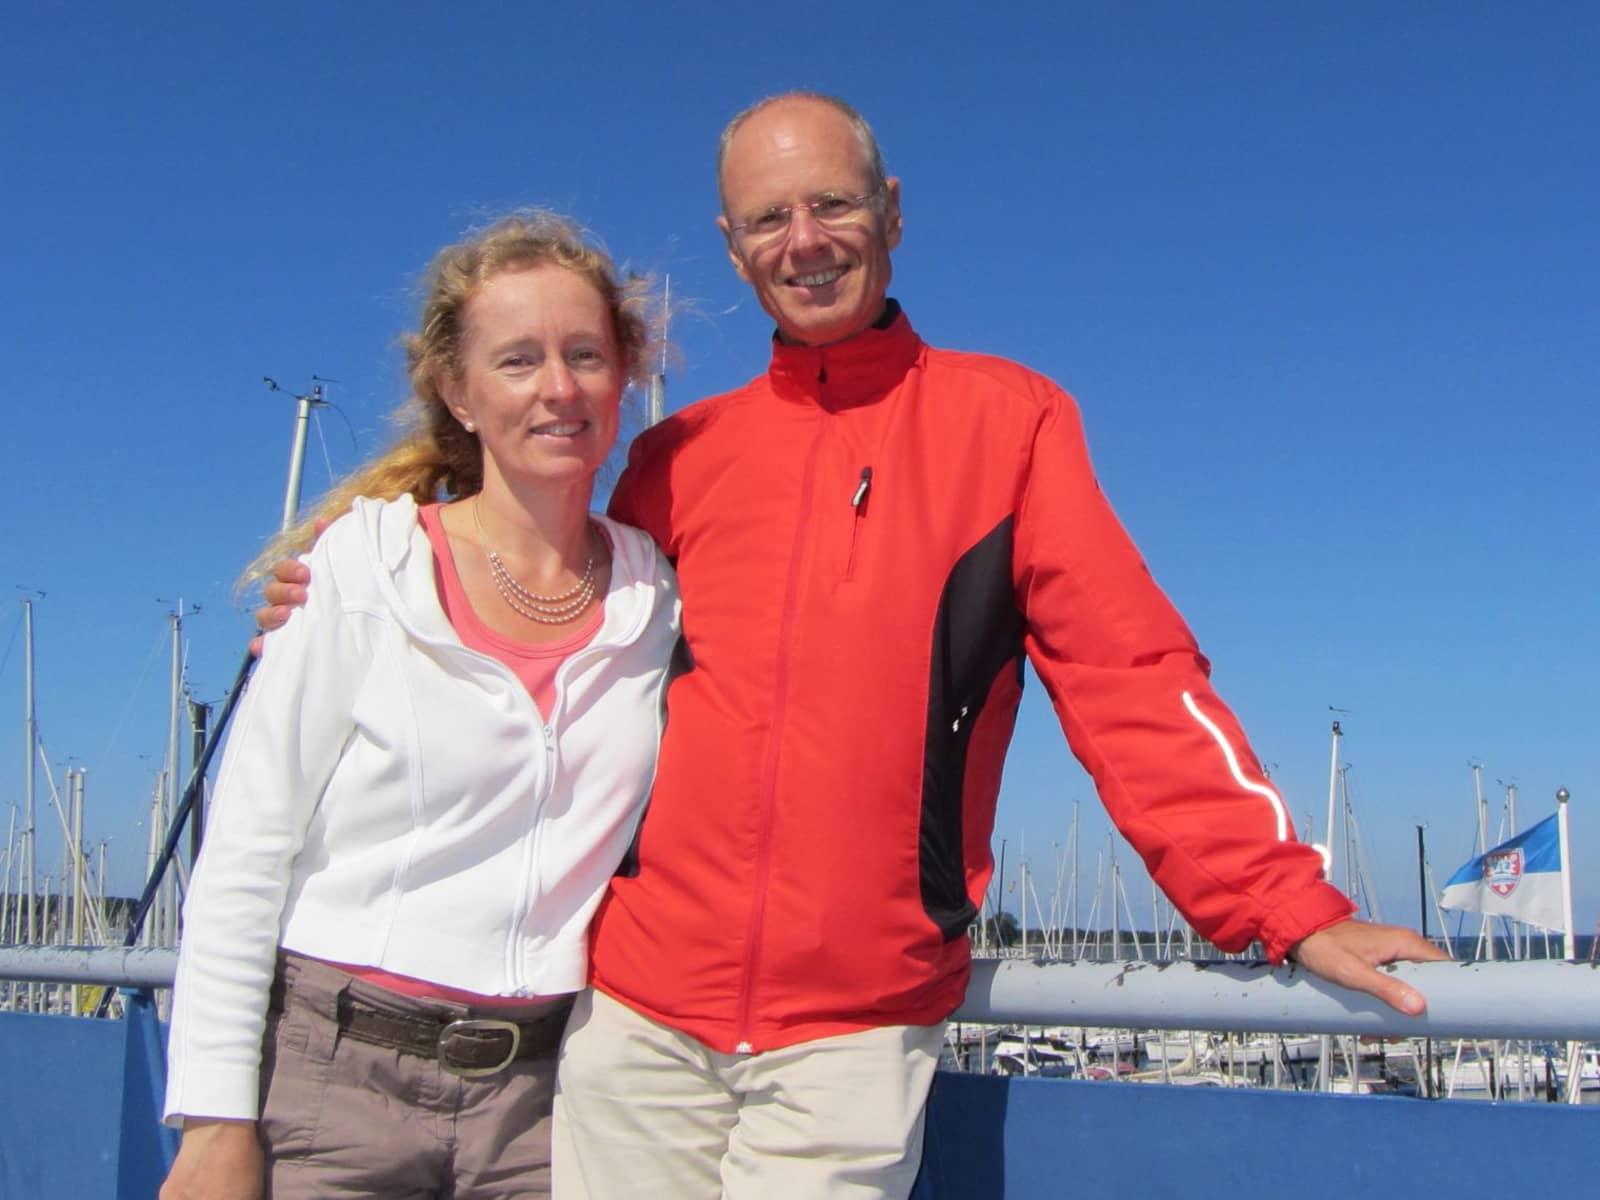 Andrea & Bernd from Frankfurt am Main, Germany